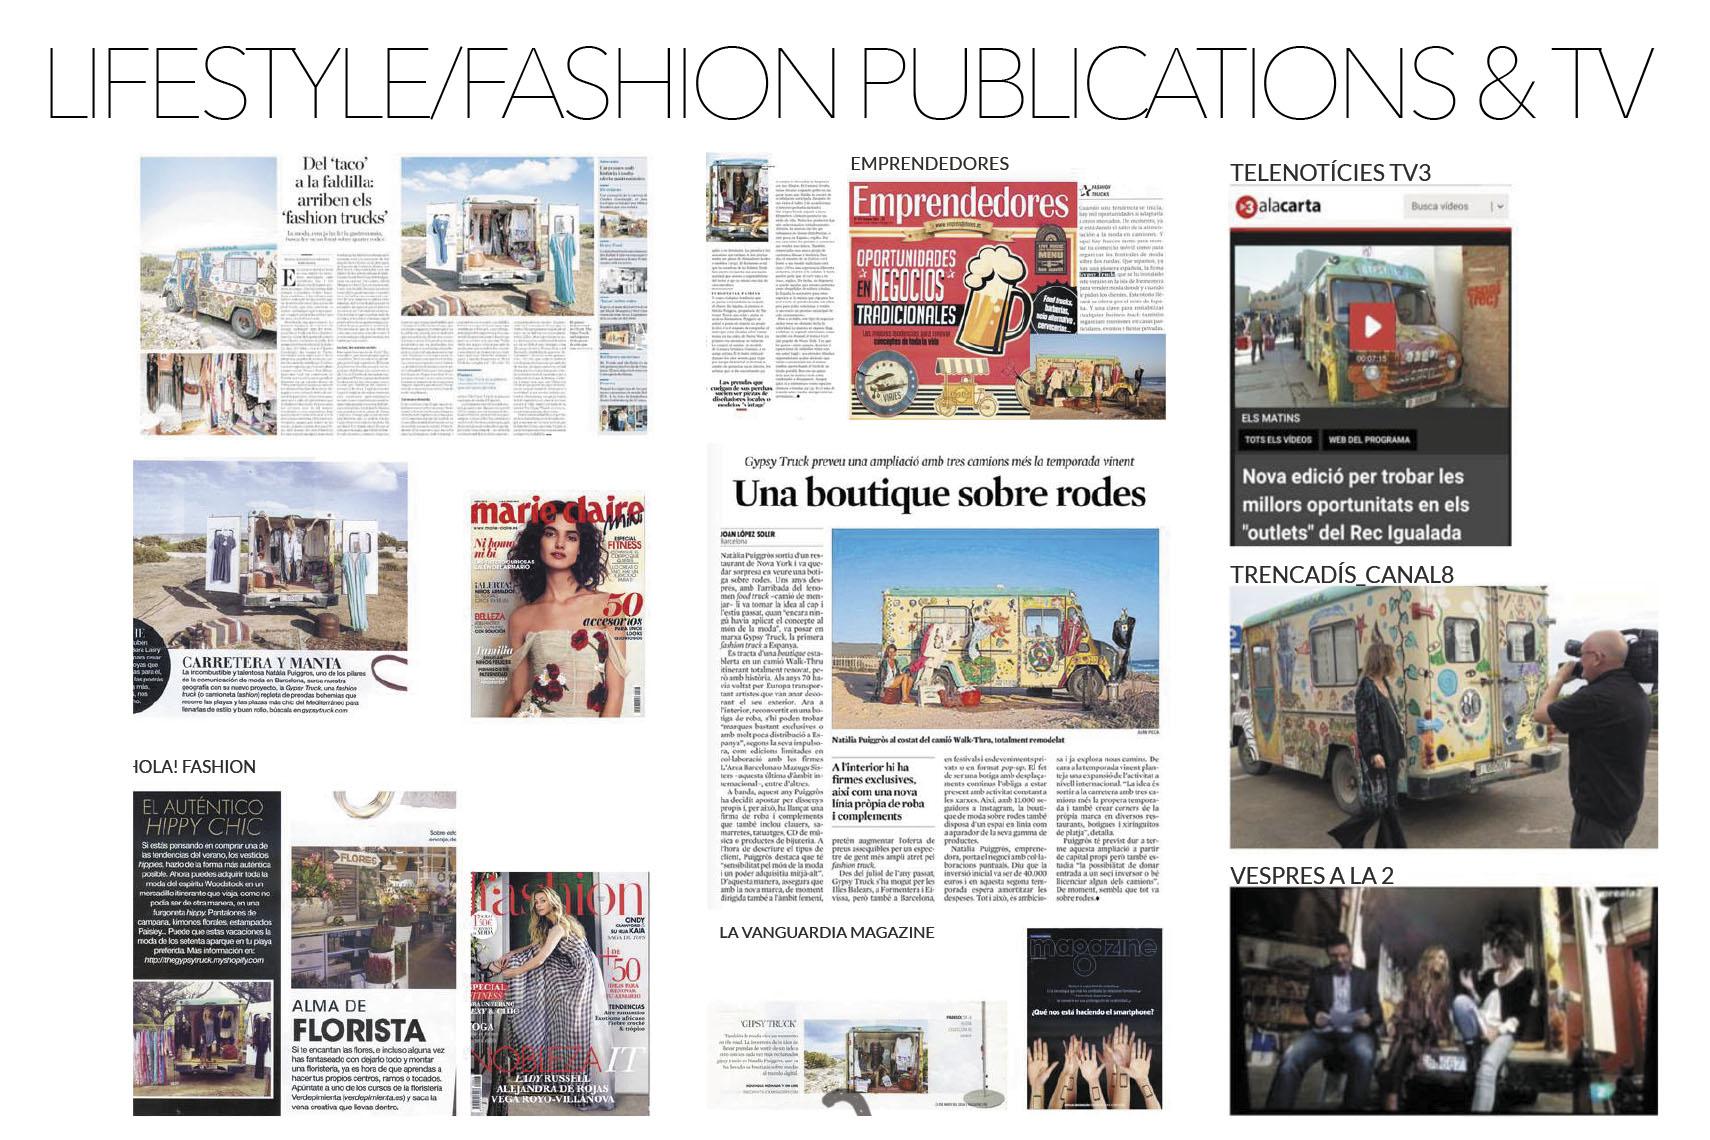 medios-gypsy-truck-moda-malaga-marbella-sotogrande